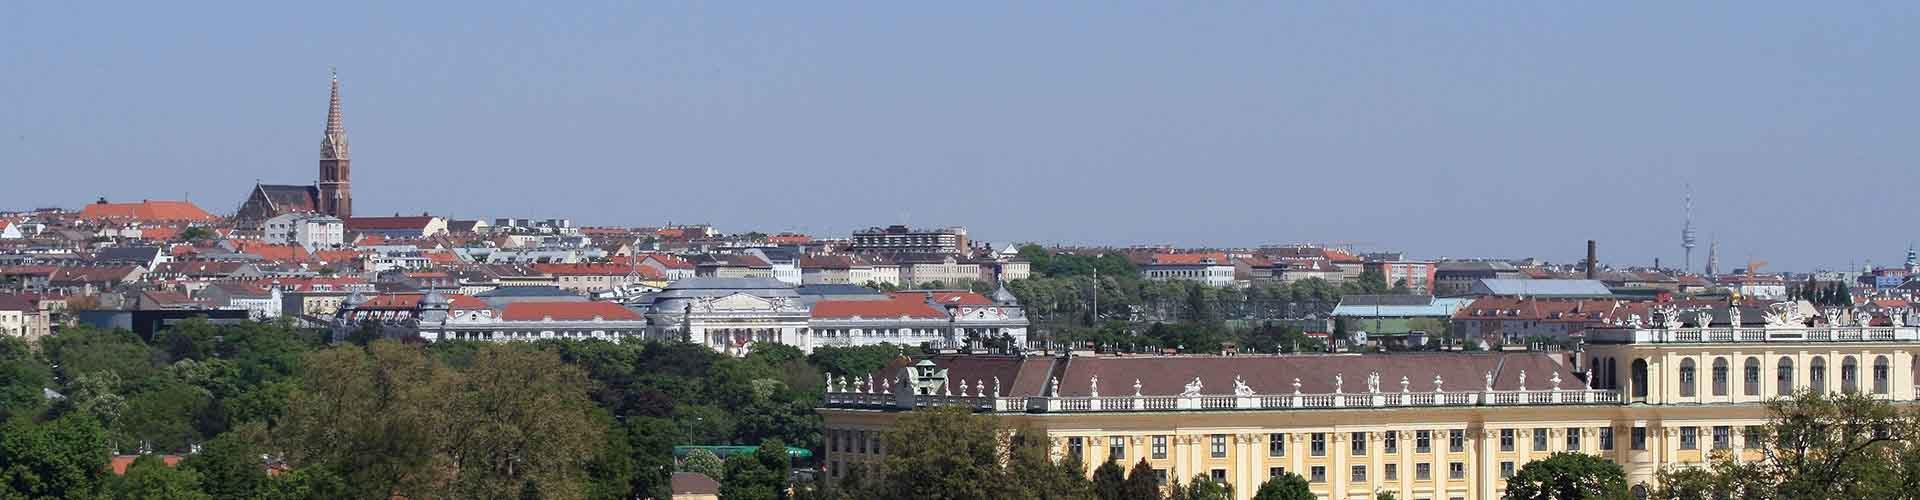 Vienne - Auberges de jeunesse dans le quartier de Rudolfsheim-Fuenfhaus. Cartes pour Vienne, photos et commentaires pour chaque auberge de jeunesse à Vienne.